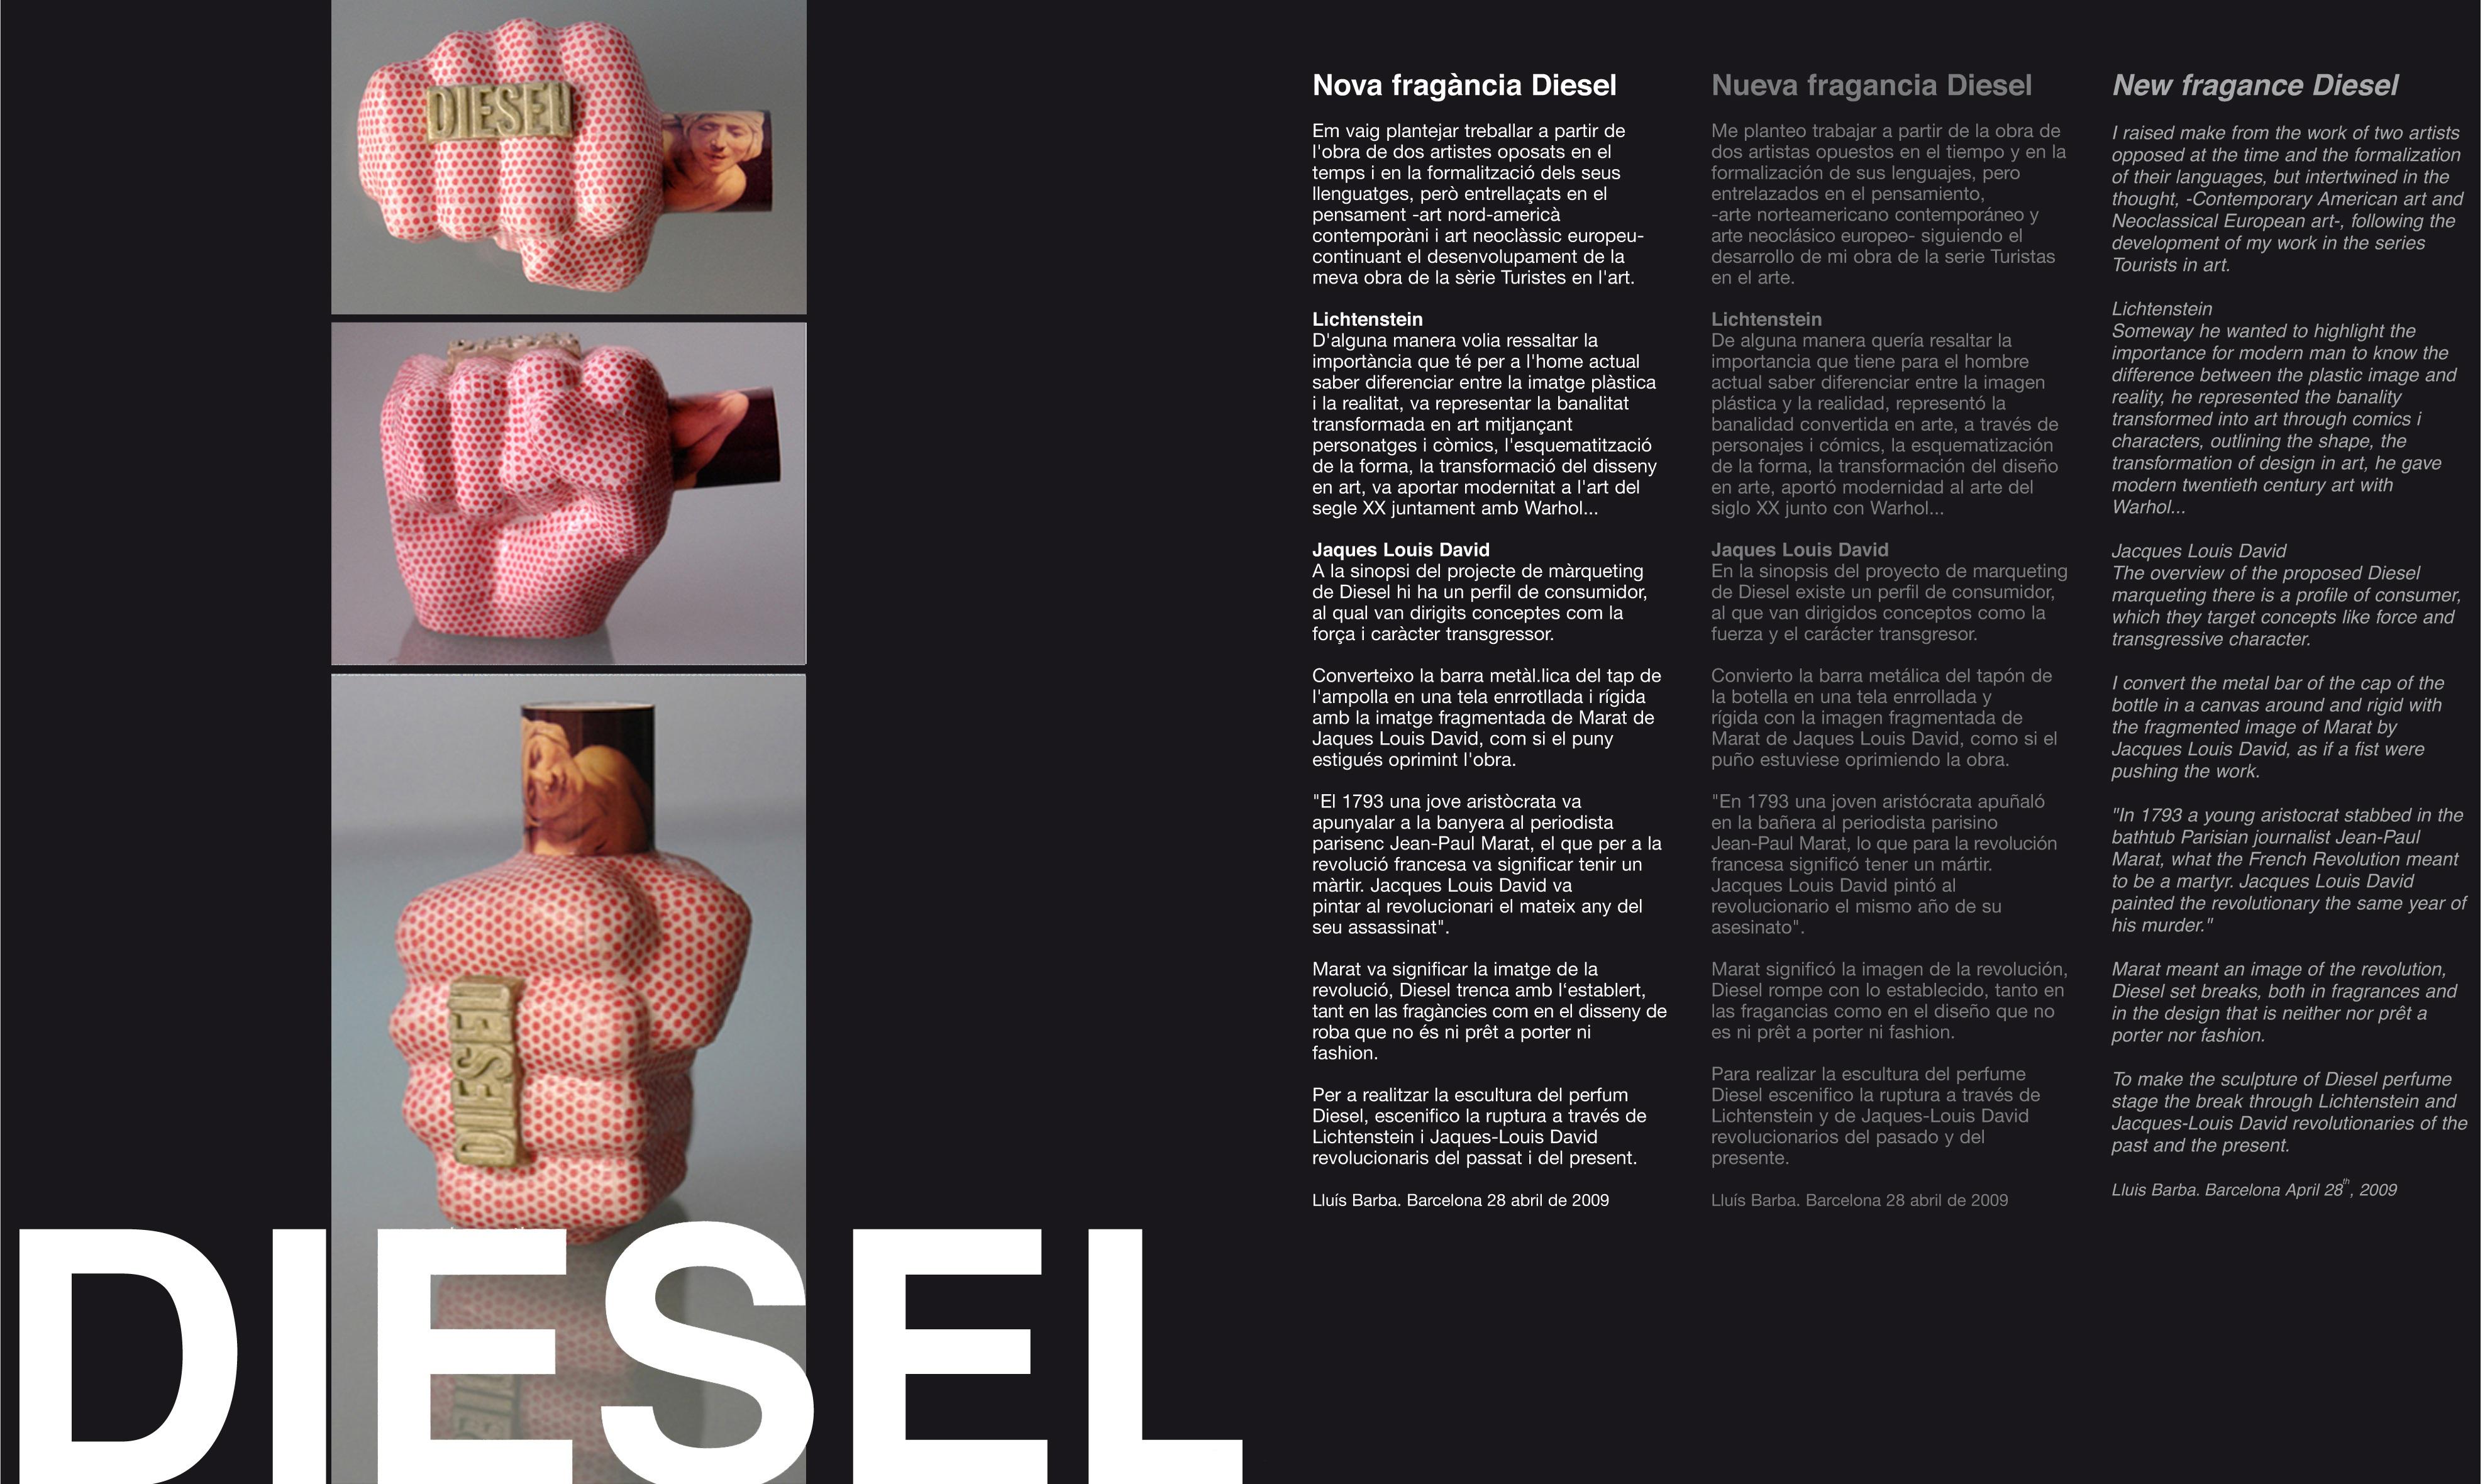 2009 Diesel